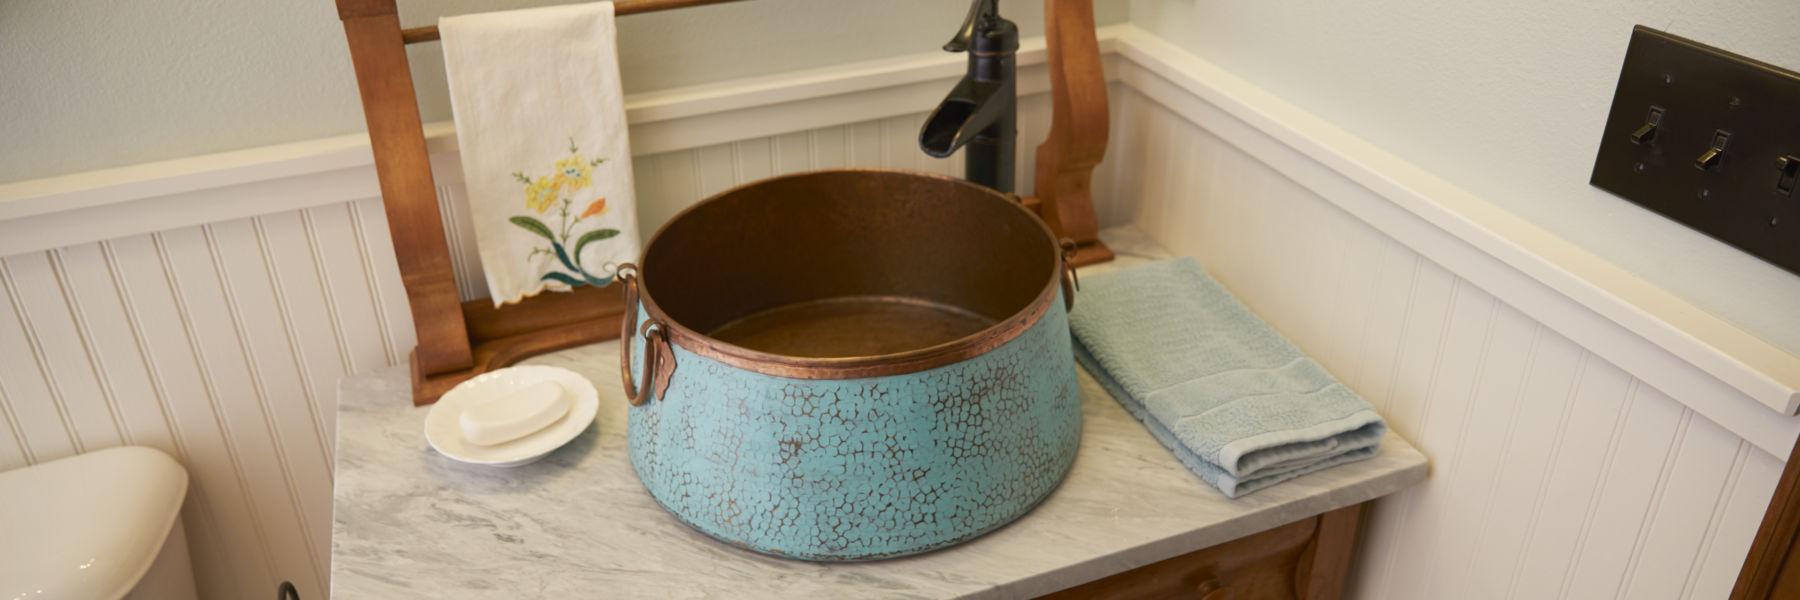 bathroom-copper-sink-organized